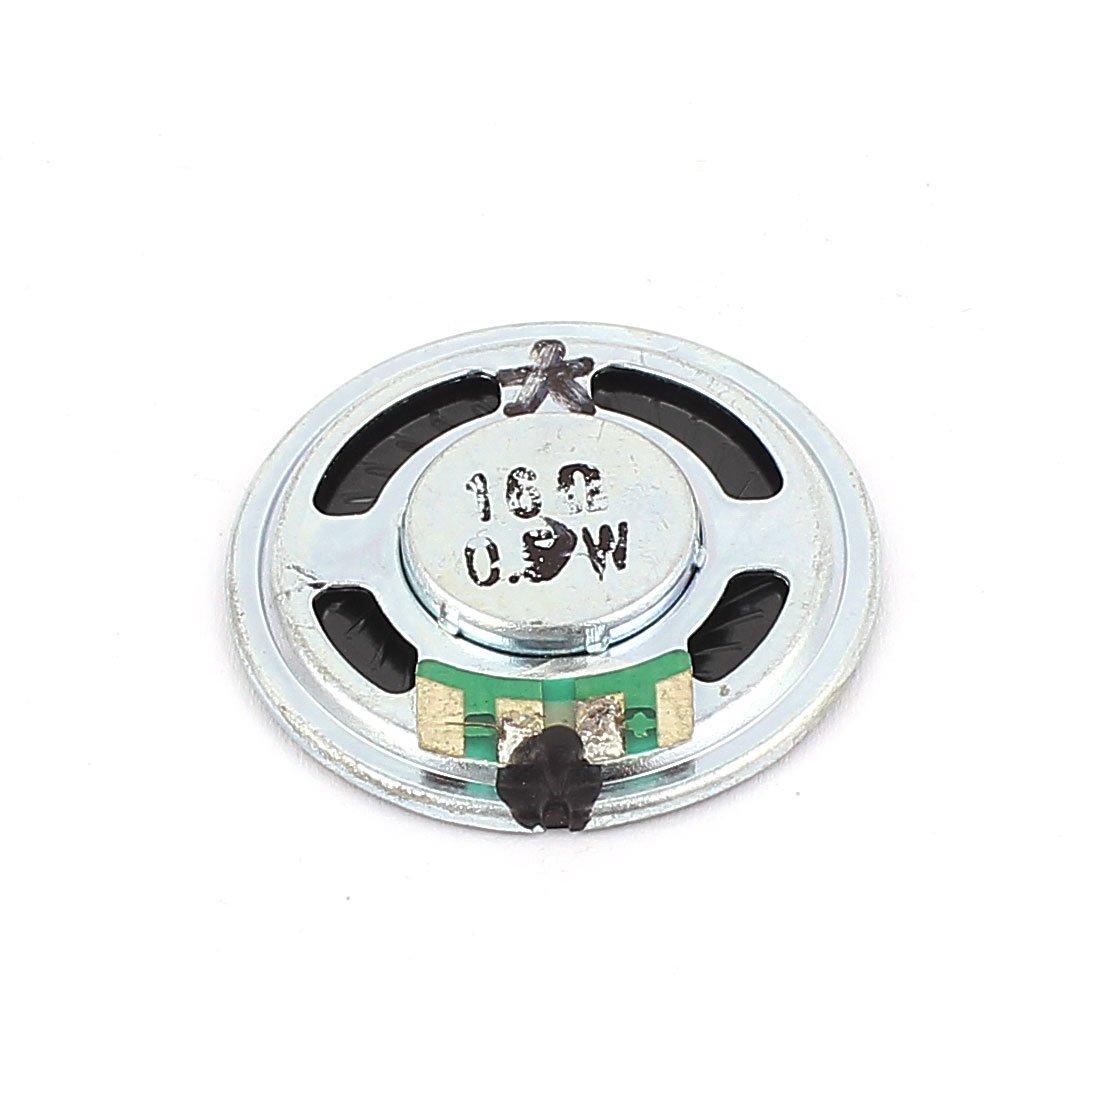 uxcell 36mm 16 Ohm 0.5W Aluminum Shell Internal Magnet Speaker Loudspeaker